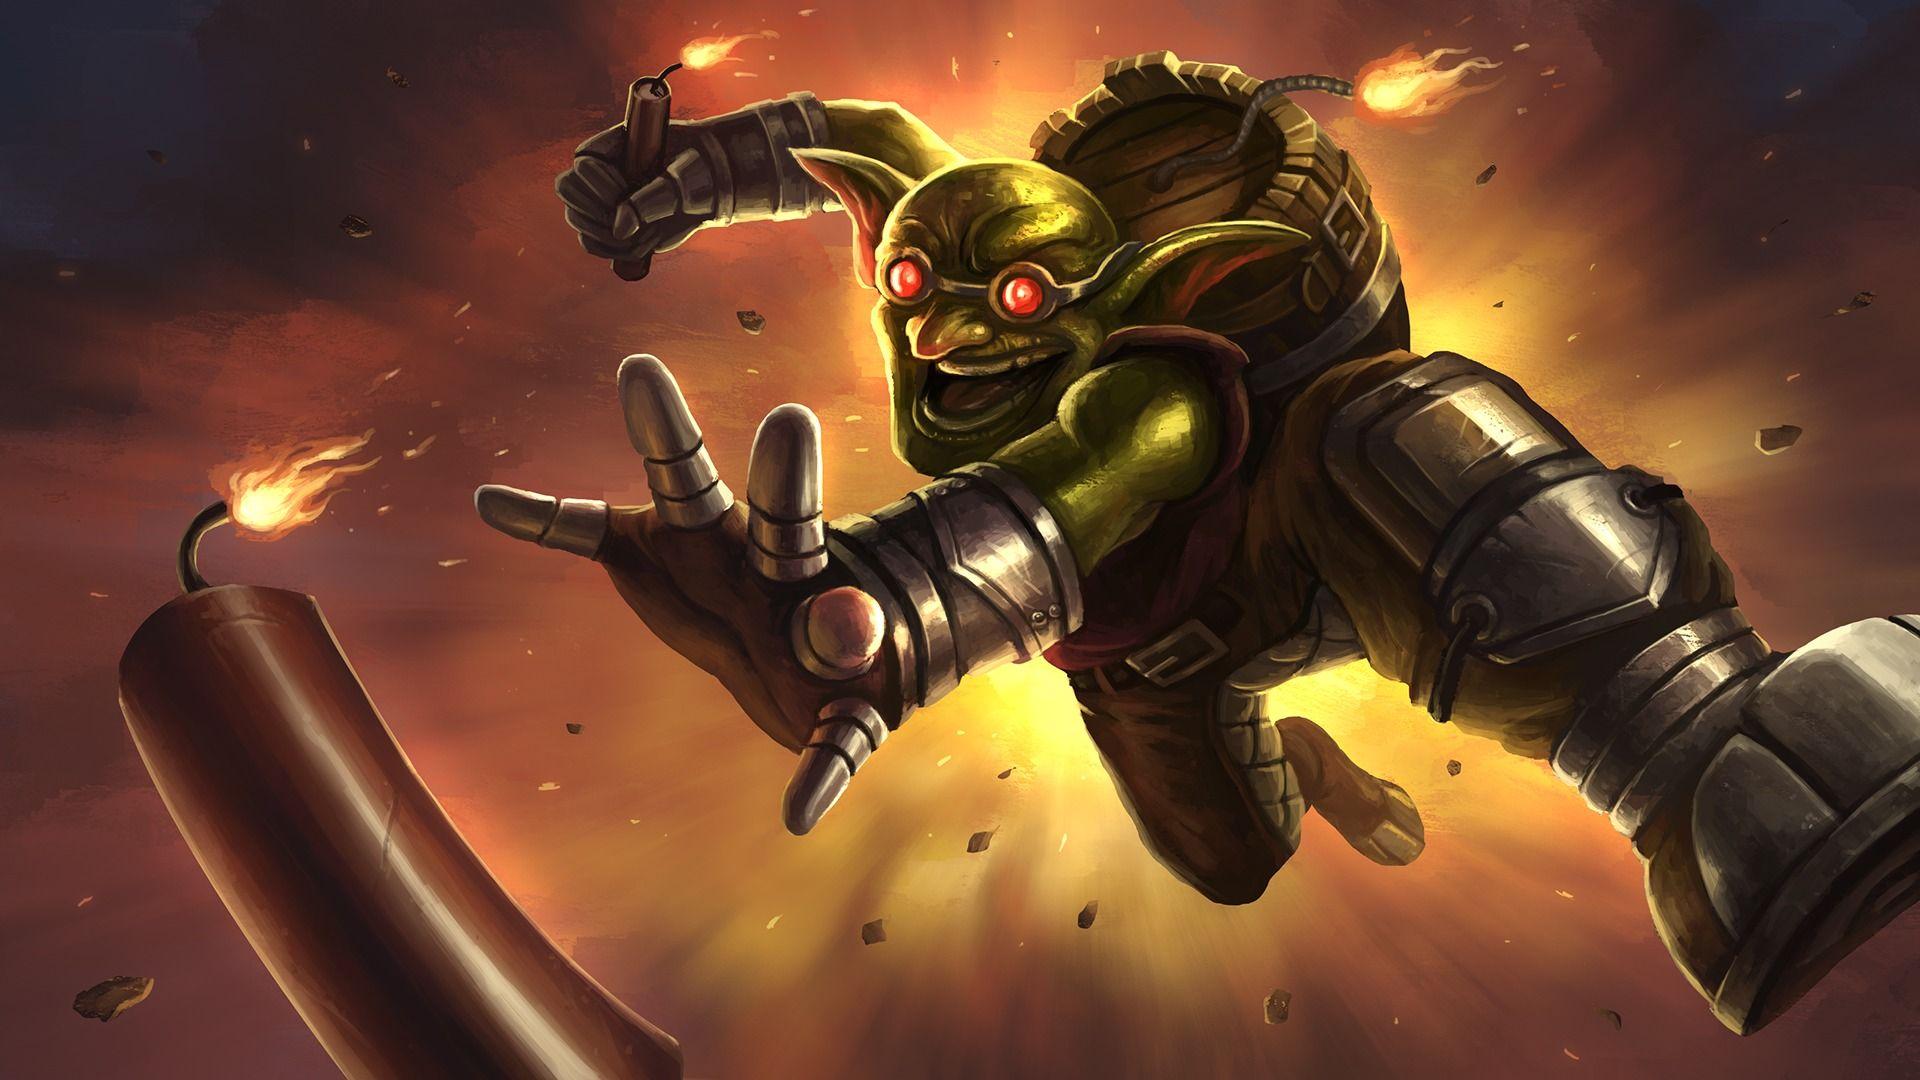 Wallpaper For Desktop Bomb, World Of Warcraft, Warcraft, Barrel, Dynamite